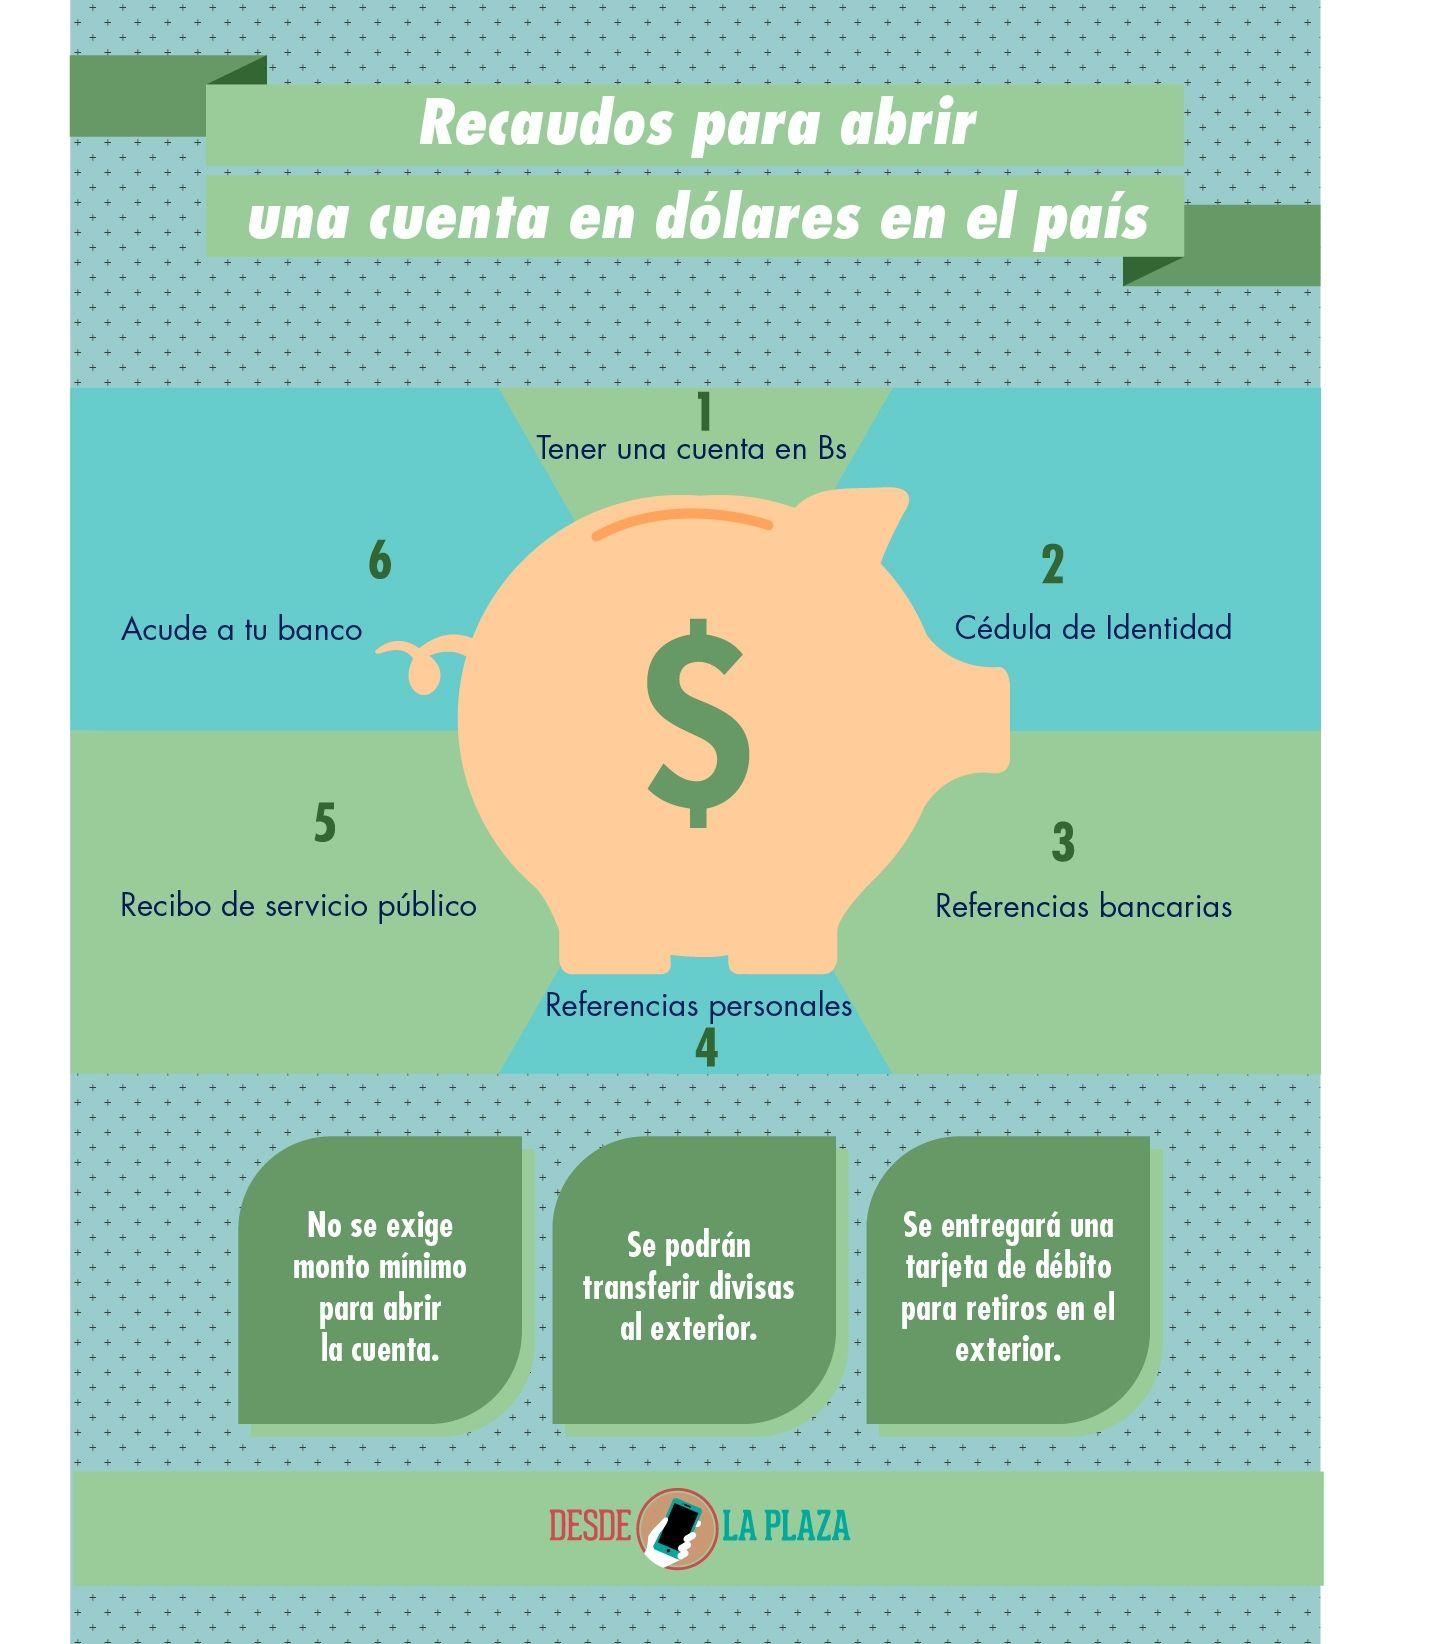 Cómo abrir una cuenta en dólares